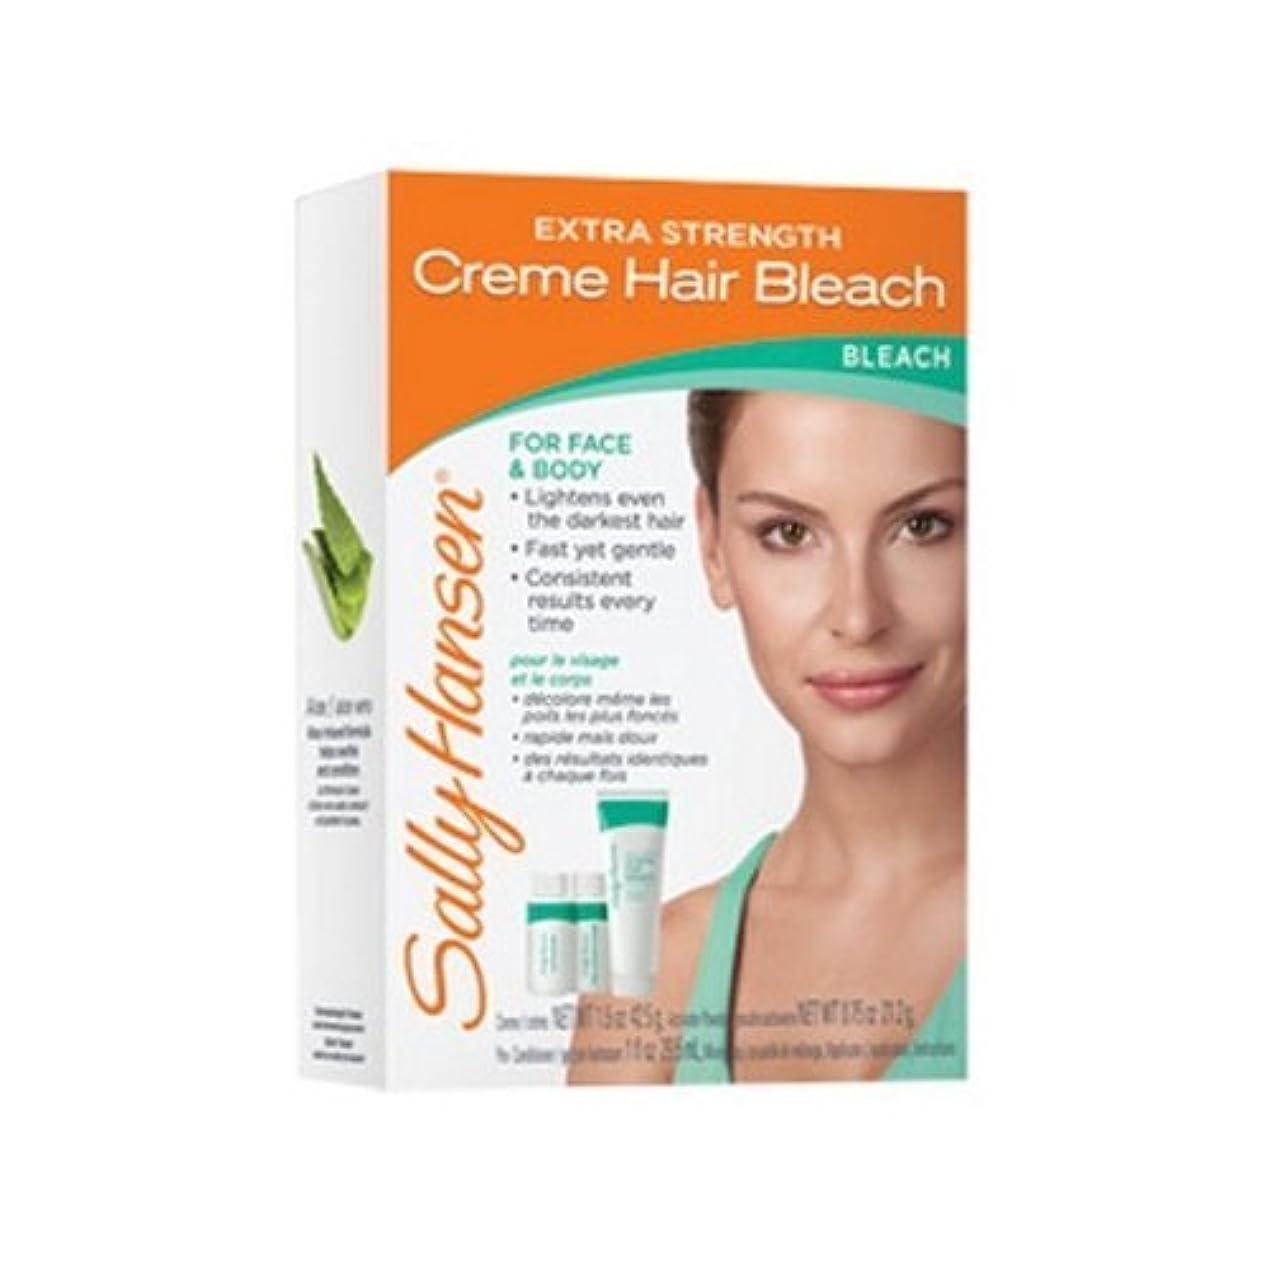 技術的な顧問六(3 Pack) SALLY HANSEN Extra Strength Creme Hair Bleach for Face & Body - SH2010 (並行輸入品)